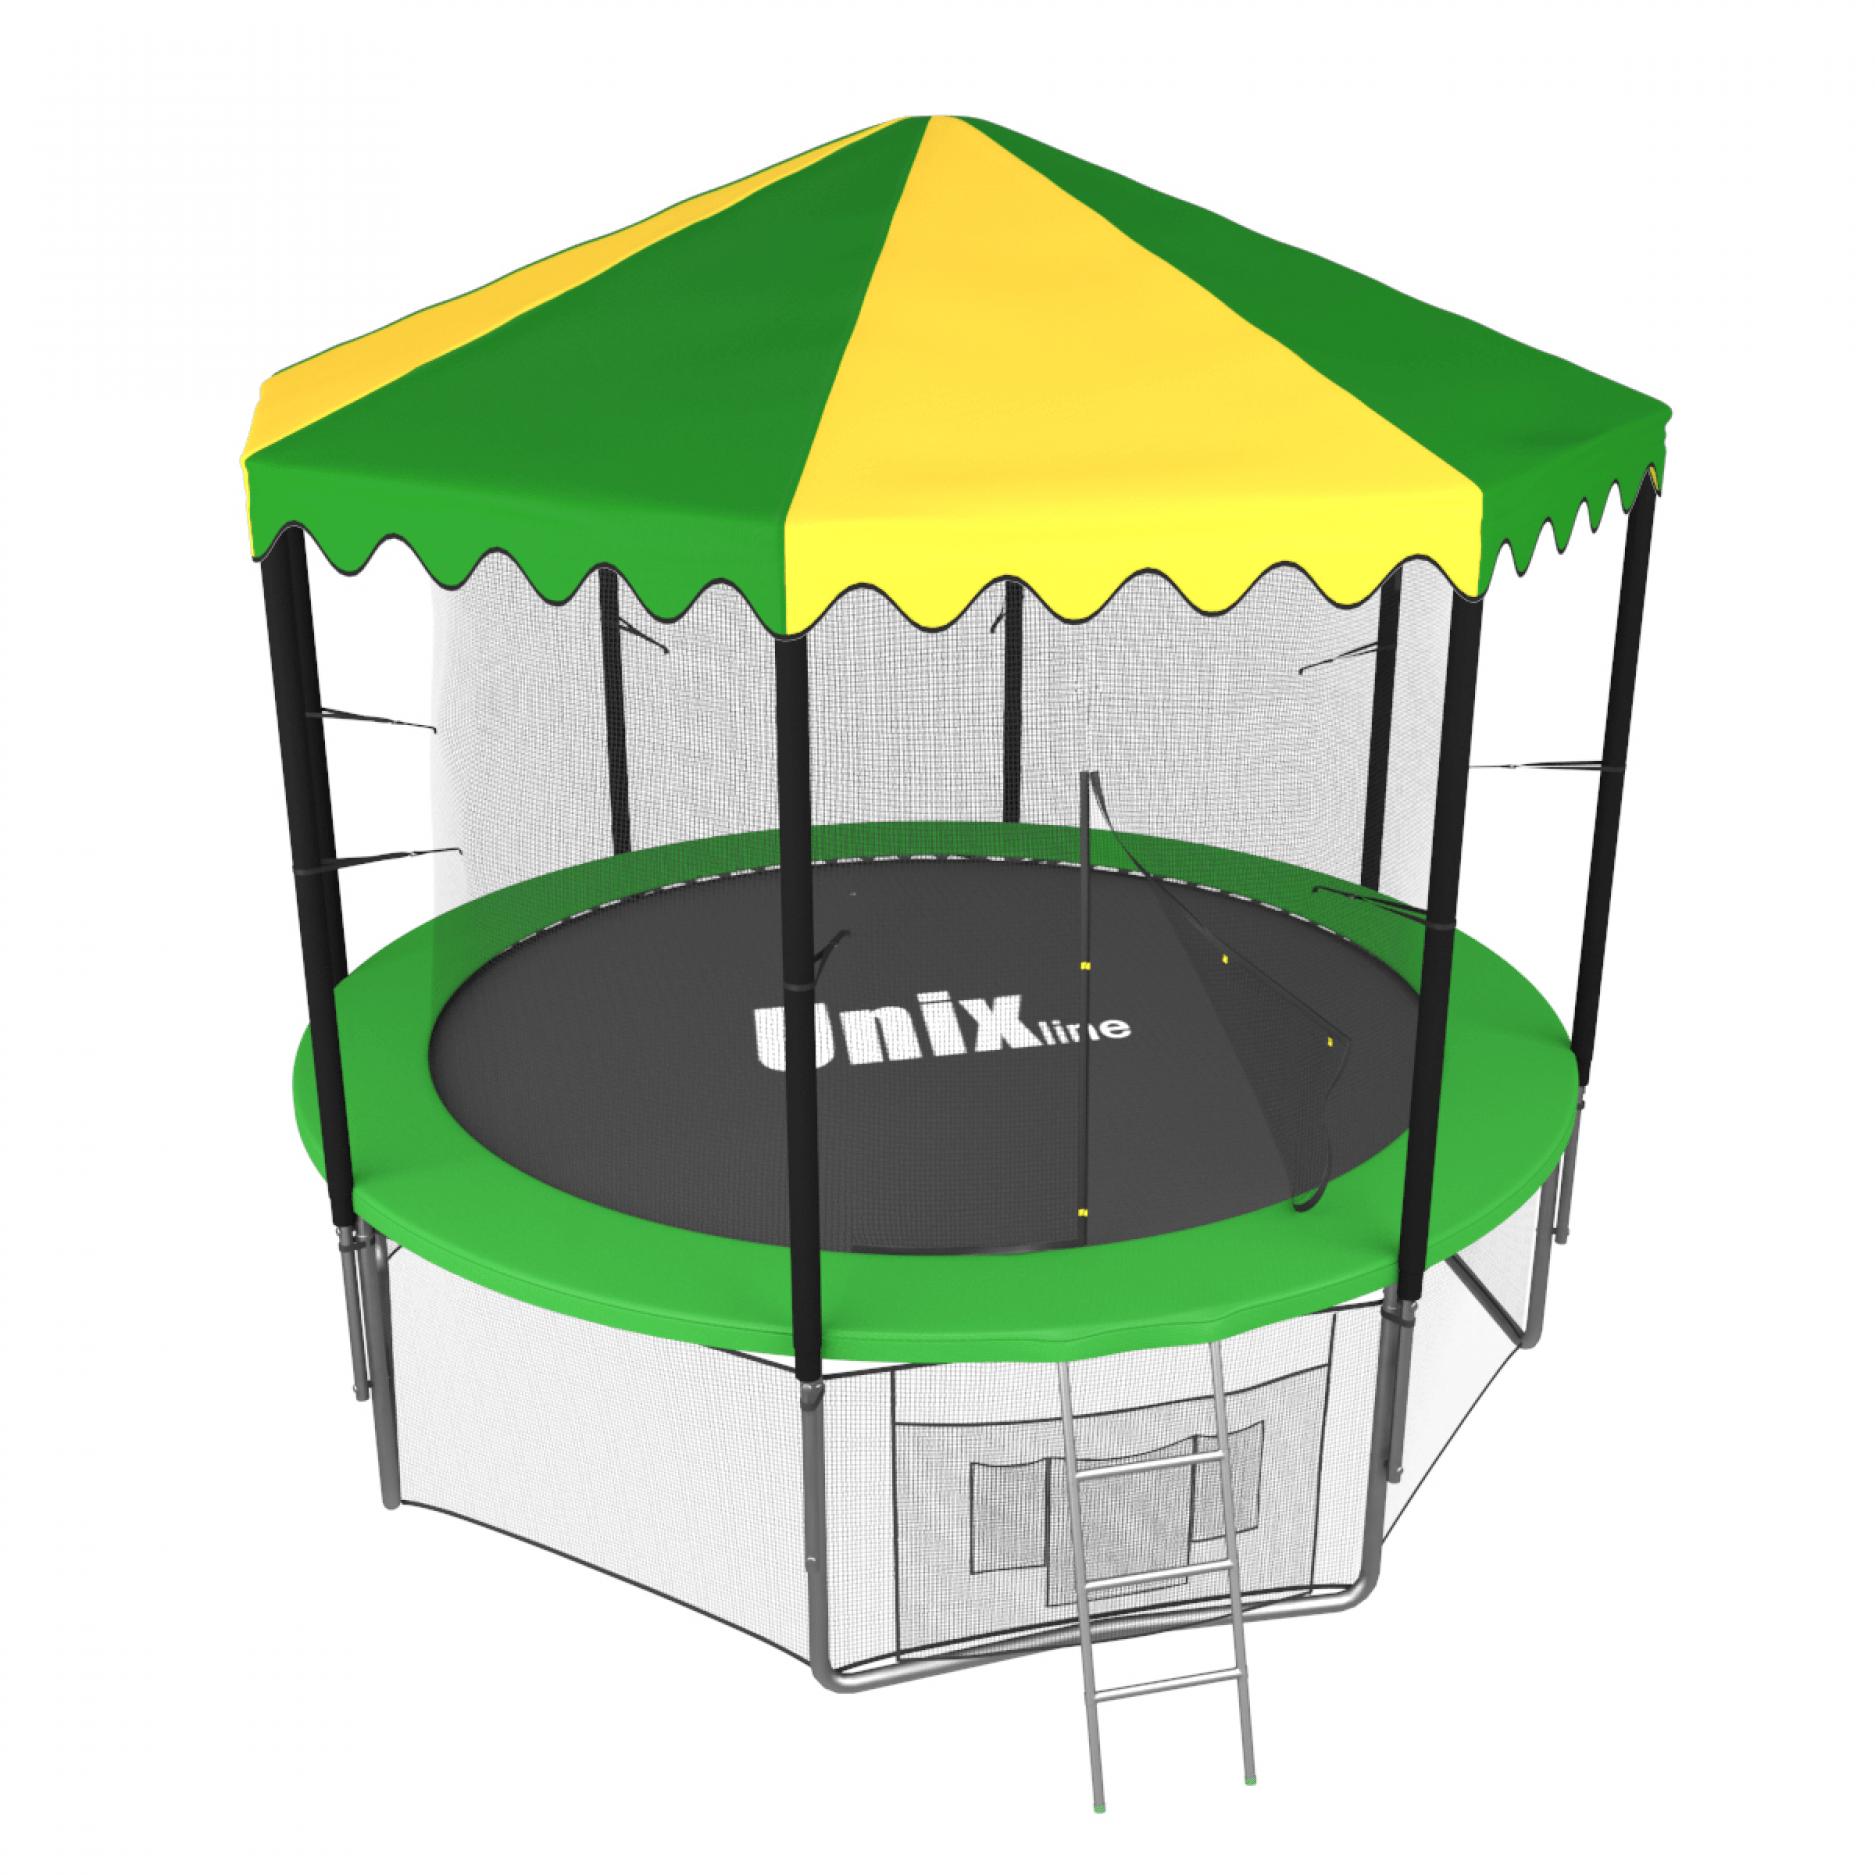 Батут UNIX line 8 ft inside с крышей (зеленый)